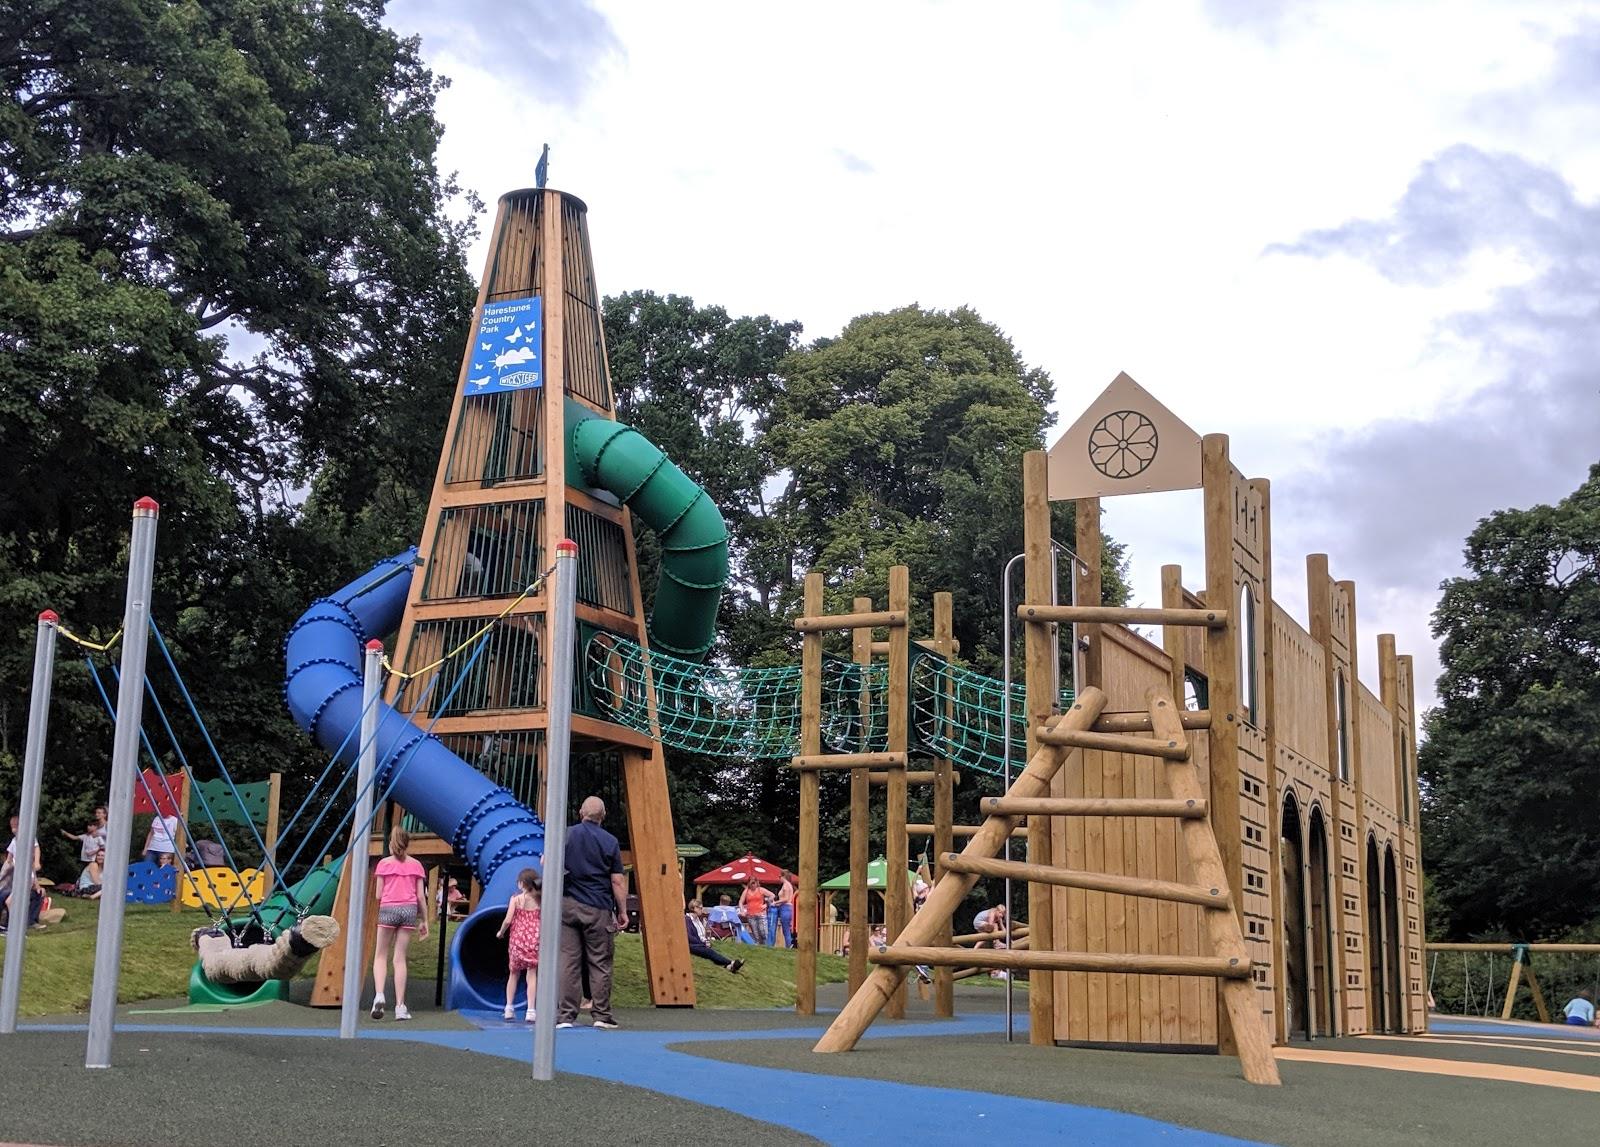 Harestanes Park, Jedburgh  - big slides